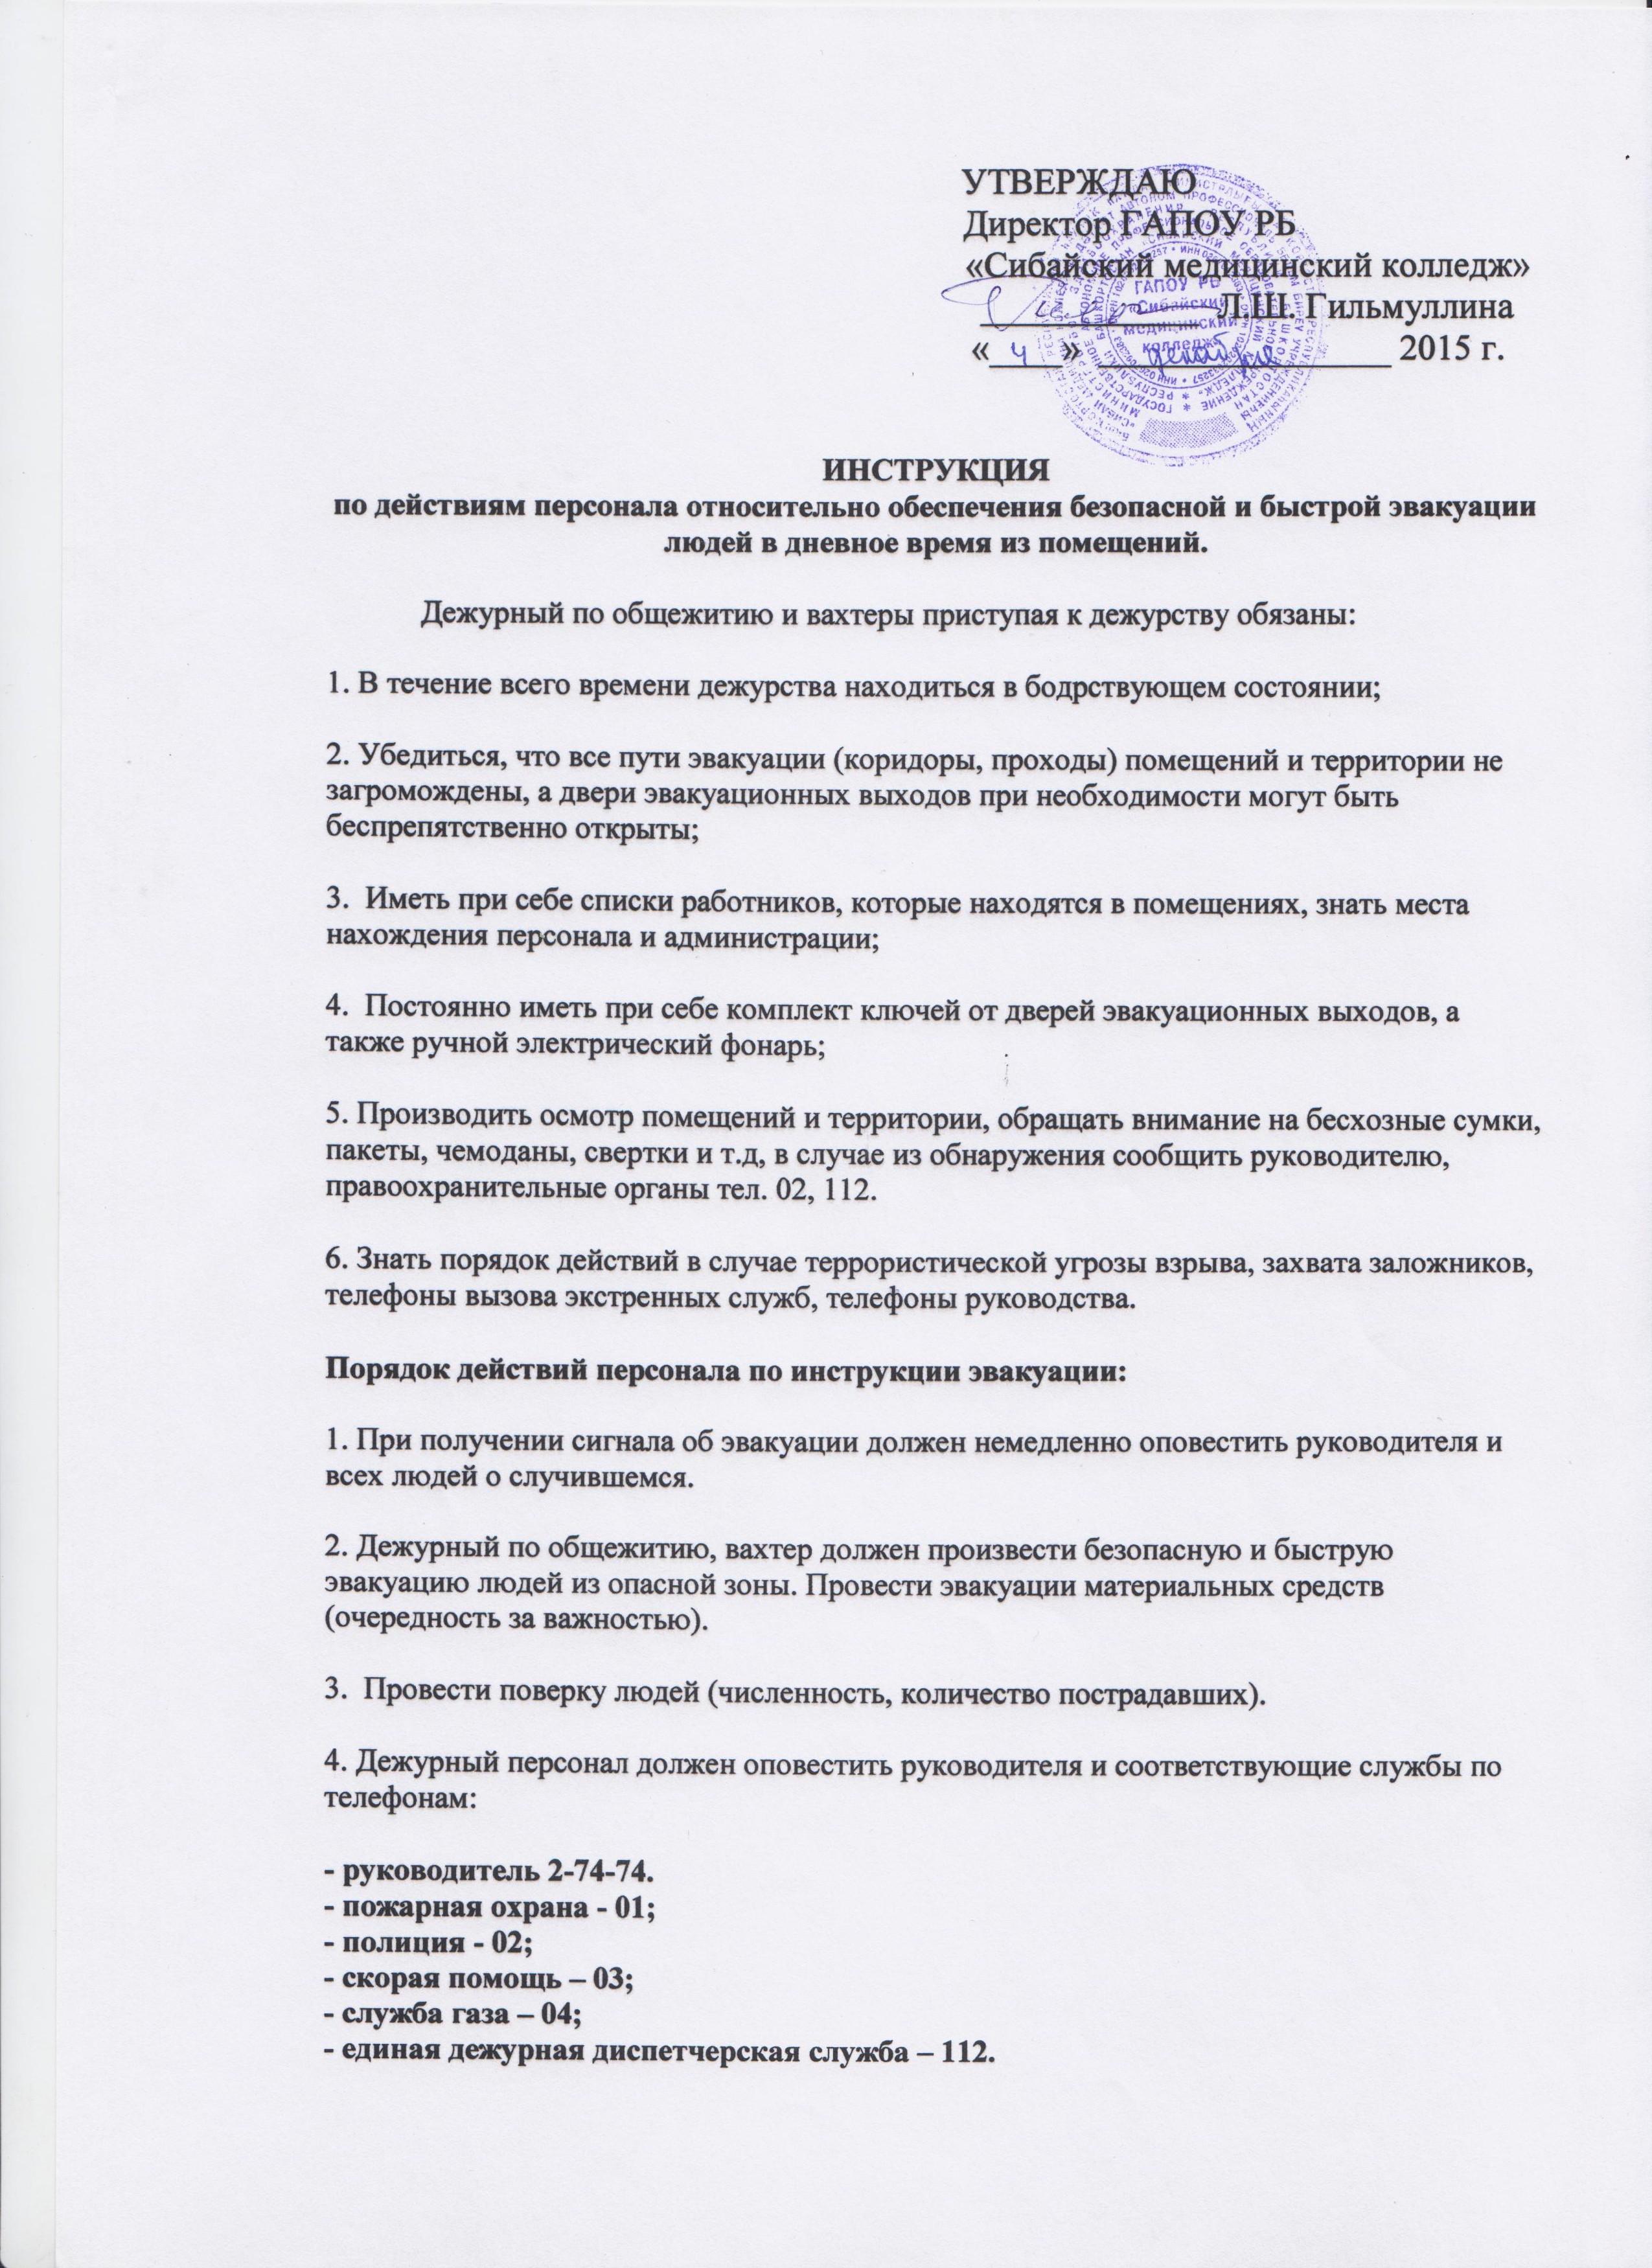 должностные инструкции вахтеров студенческого общежития